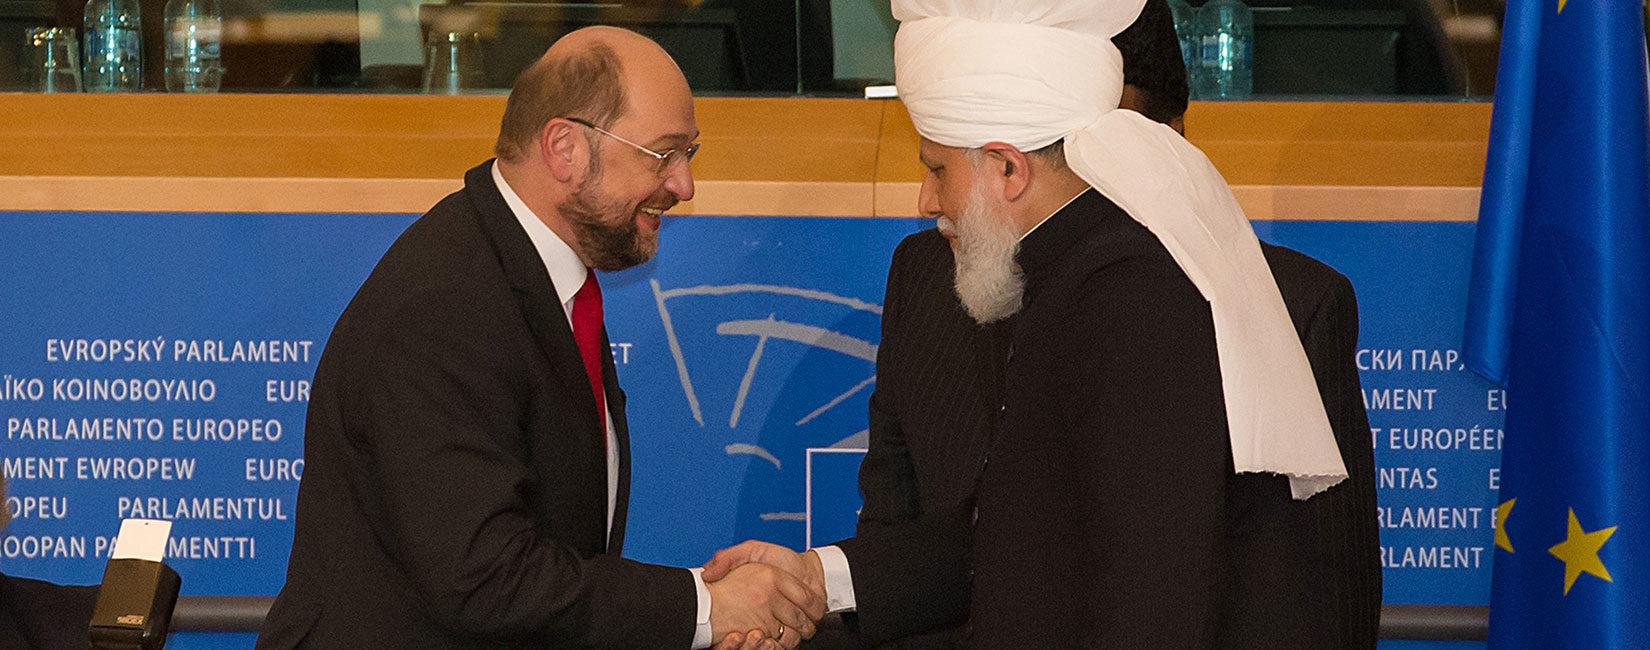 Fjalimi i Kalifit të Xhematit Ahmedia në Parlamentin Evropian | Bashkimi global është çelësi i paqes